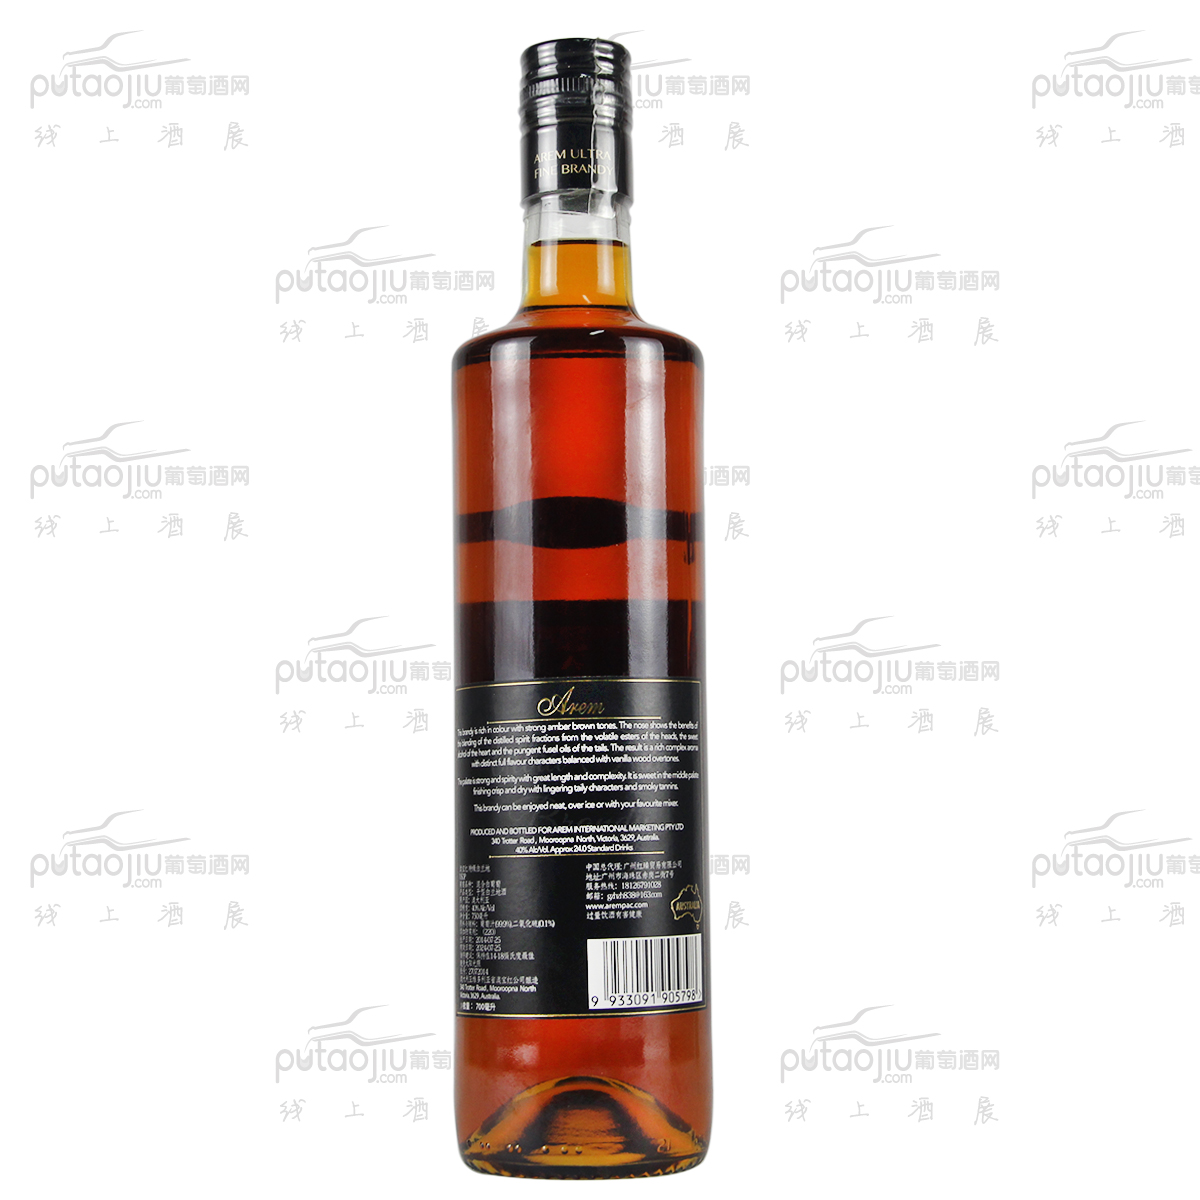 澳大利亚高奔产区澳宝红酒庄混酿特级VSOP白兰地